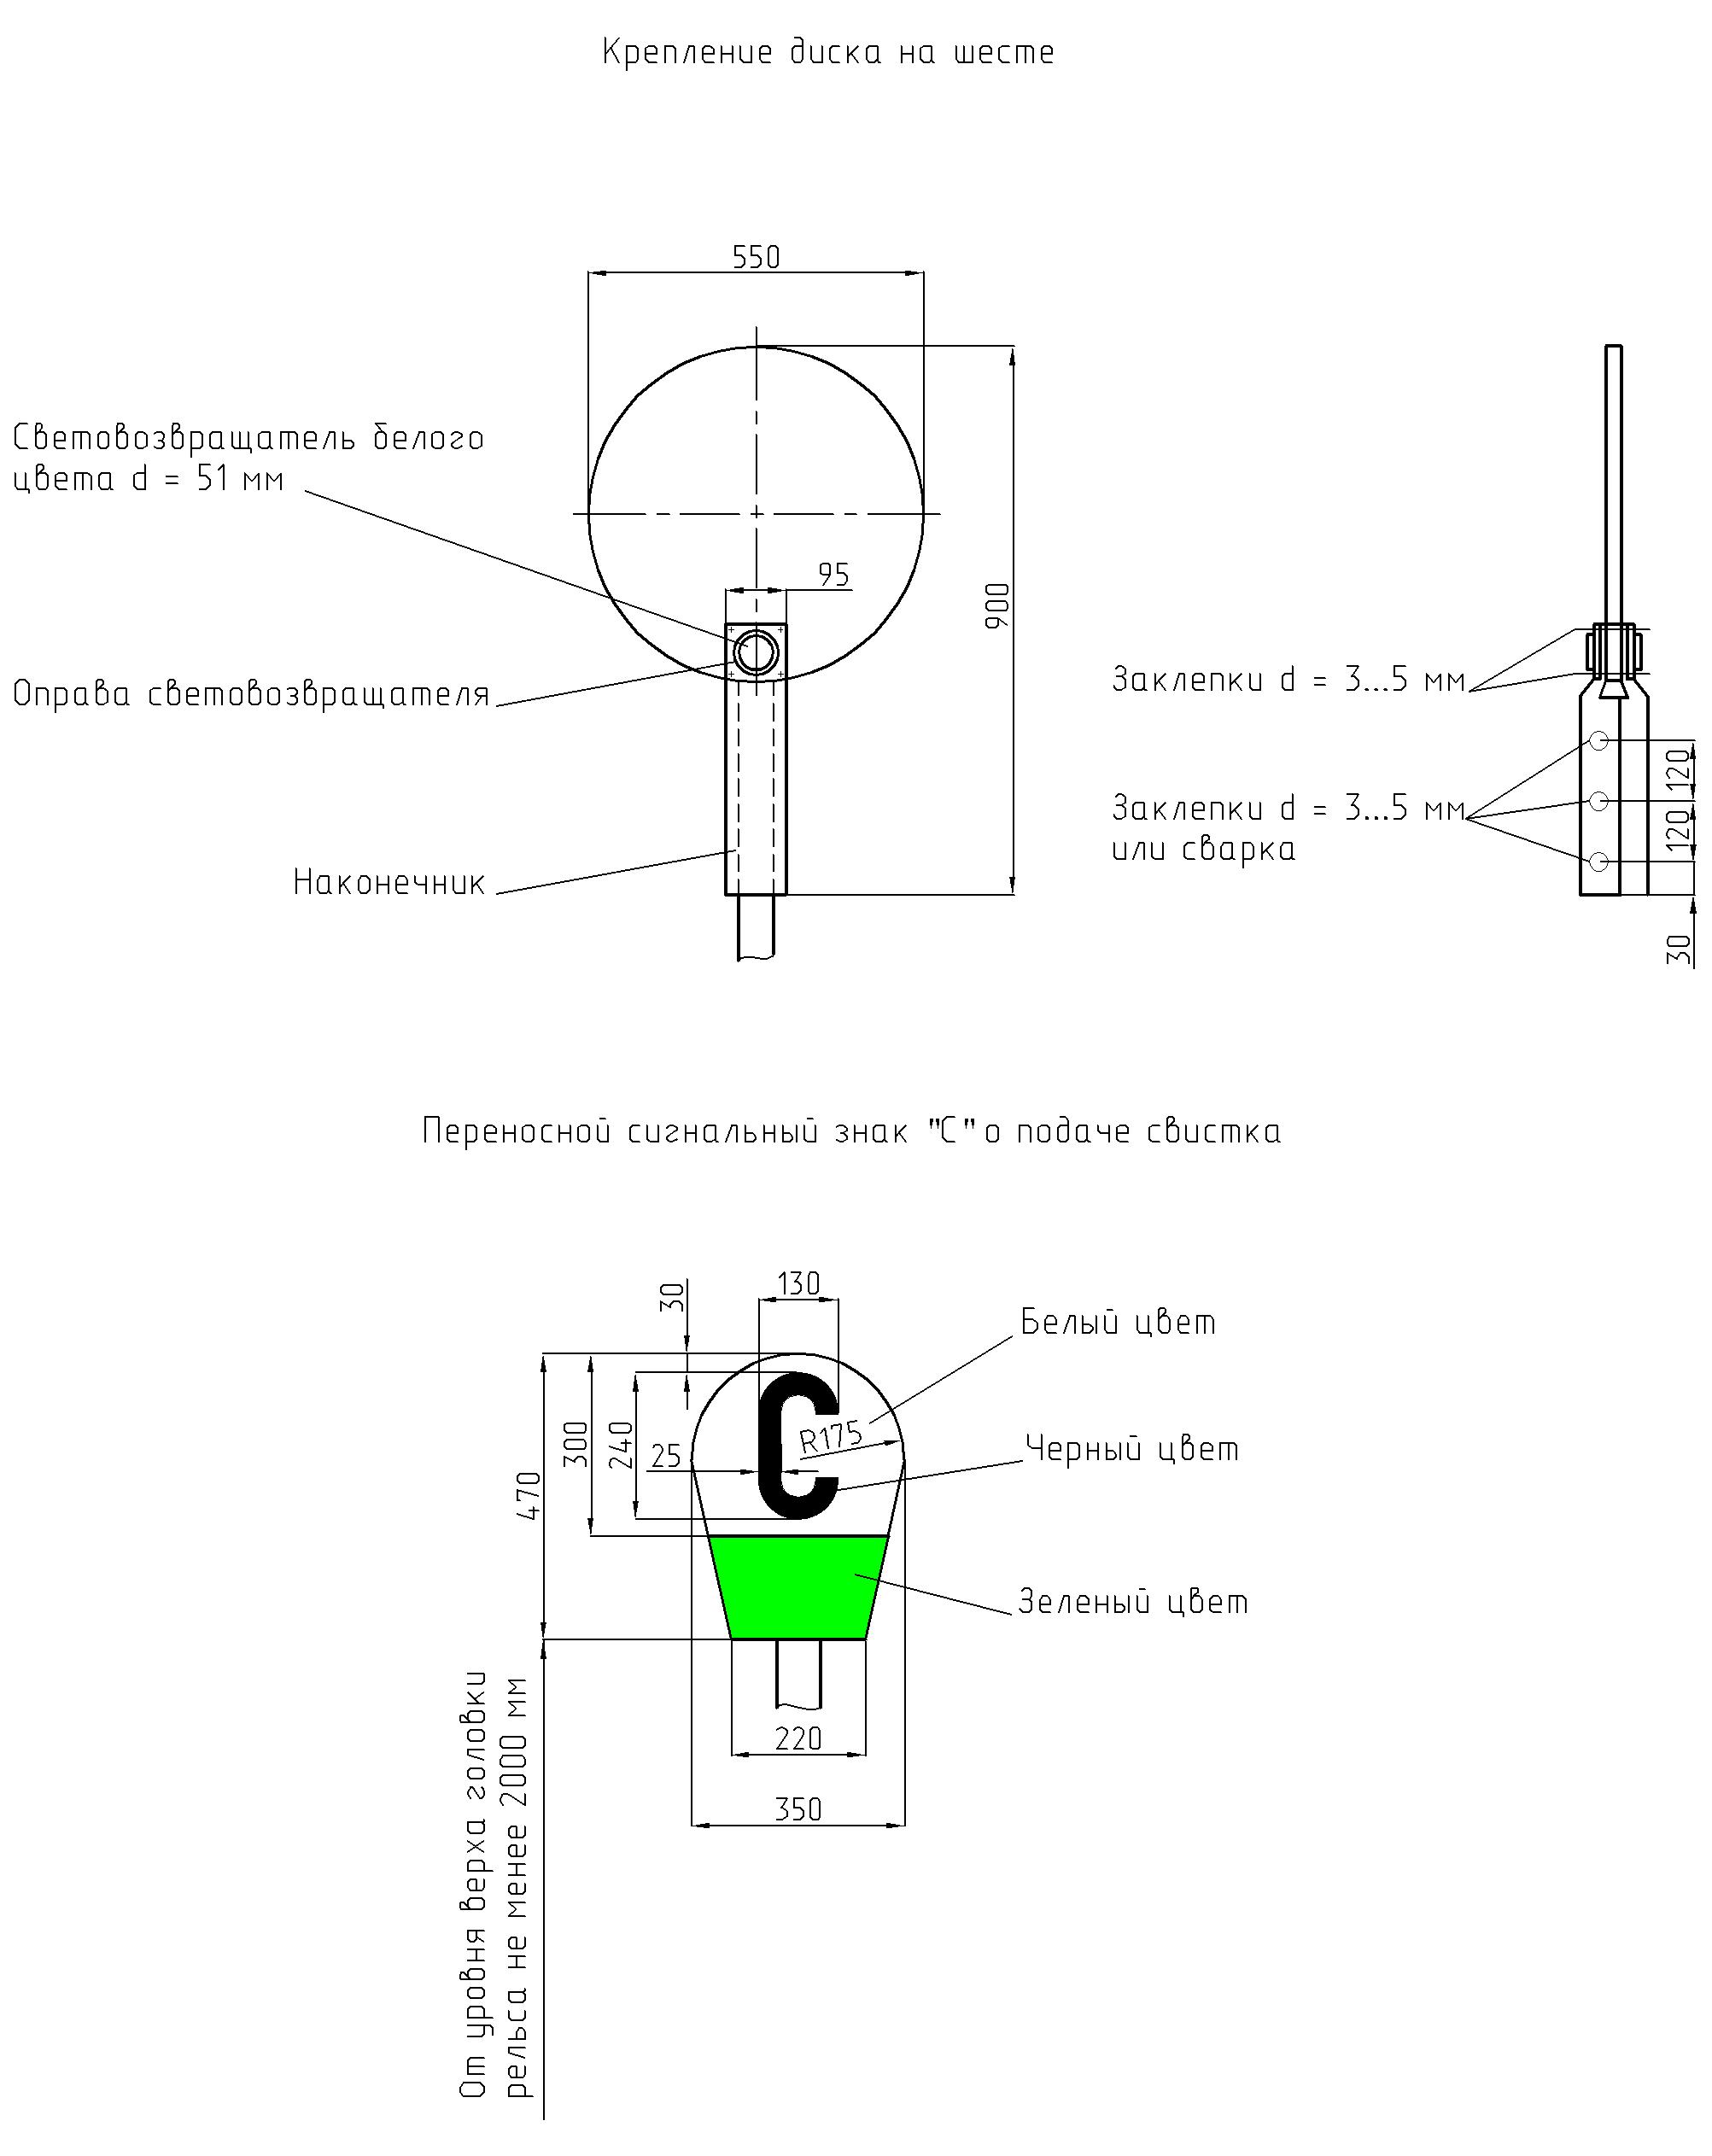 Рисунок 5. Переносной сигнальный знак «С» о подаче свистка